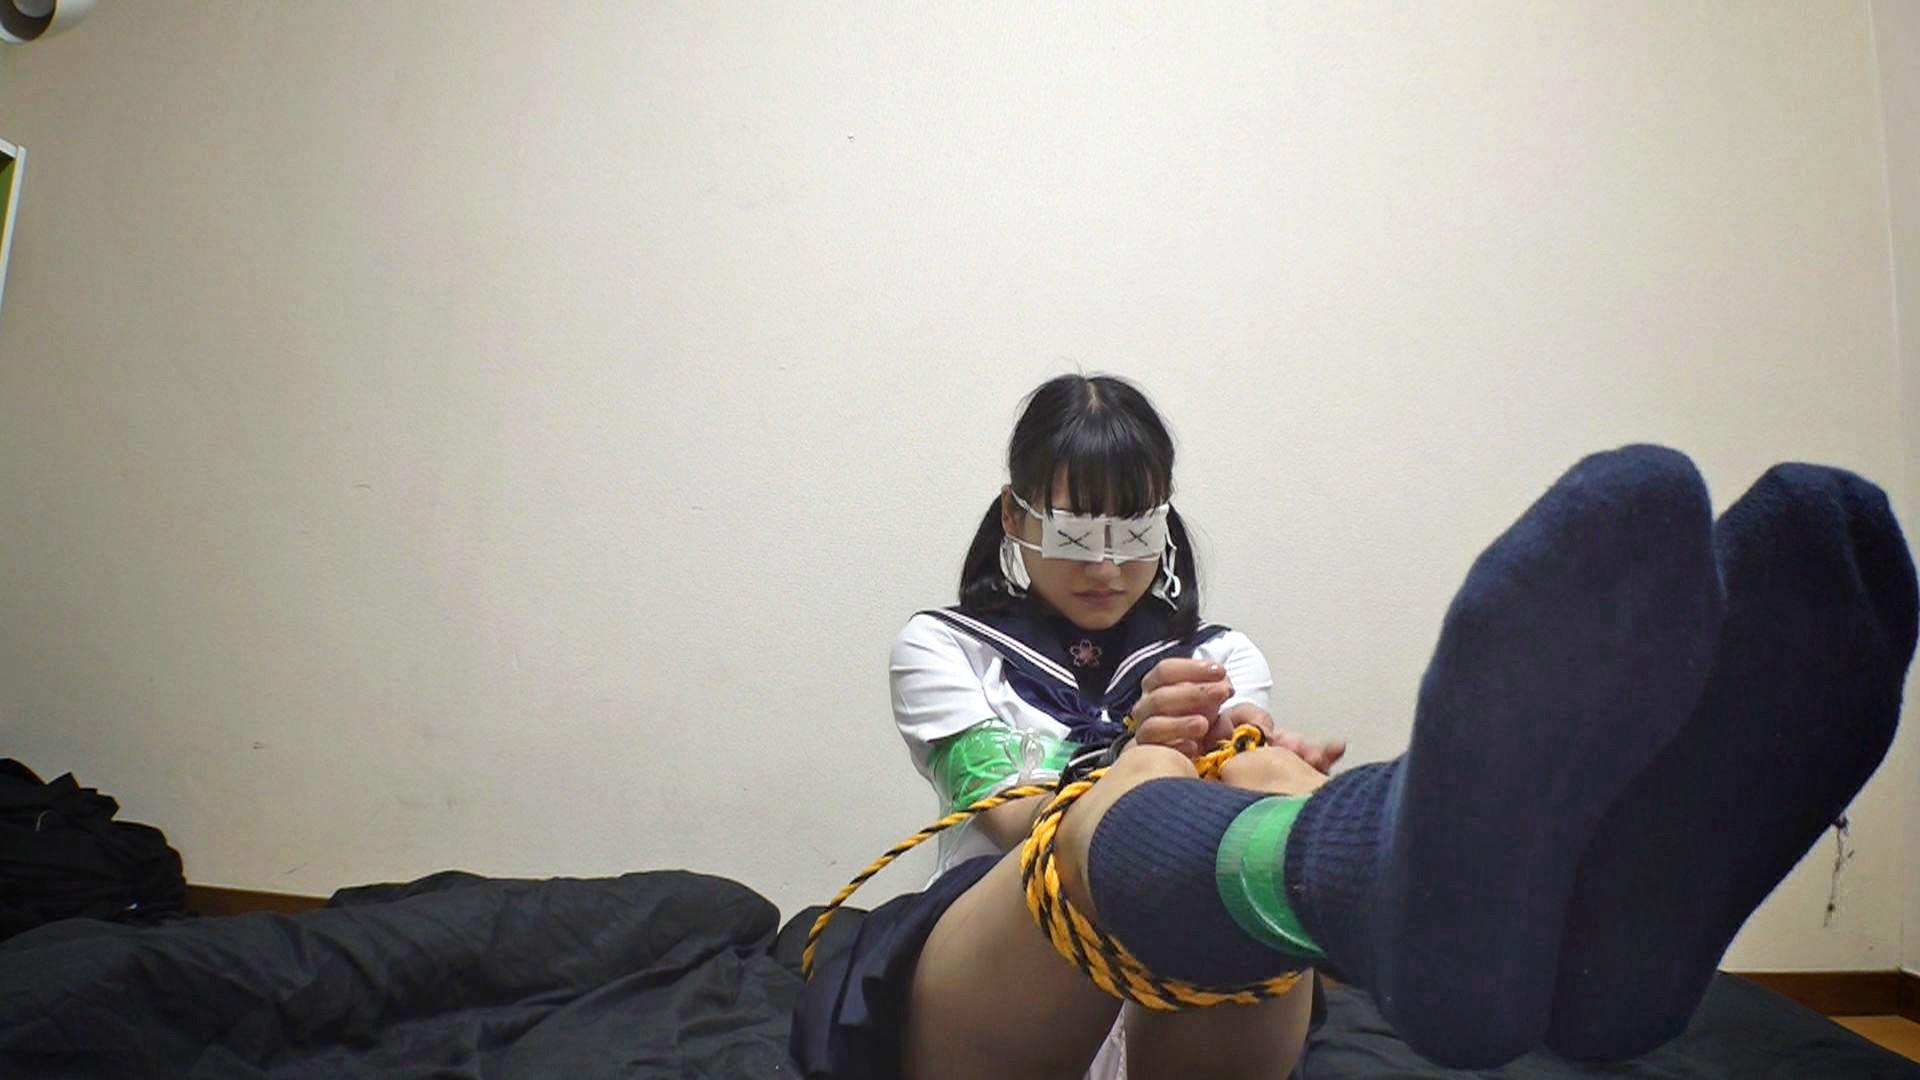 監禁 拘束した少女を人形のように弄ぶ変質者の異常性癖 渚ひまわり 画像5